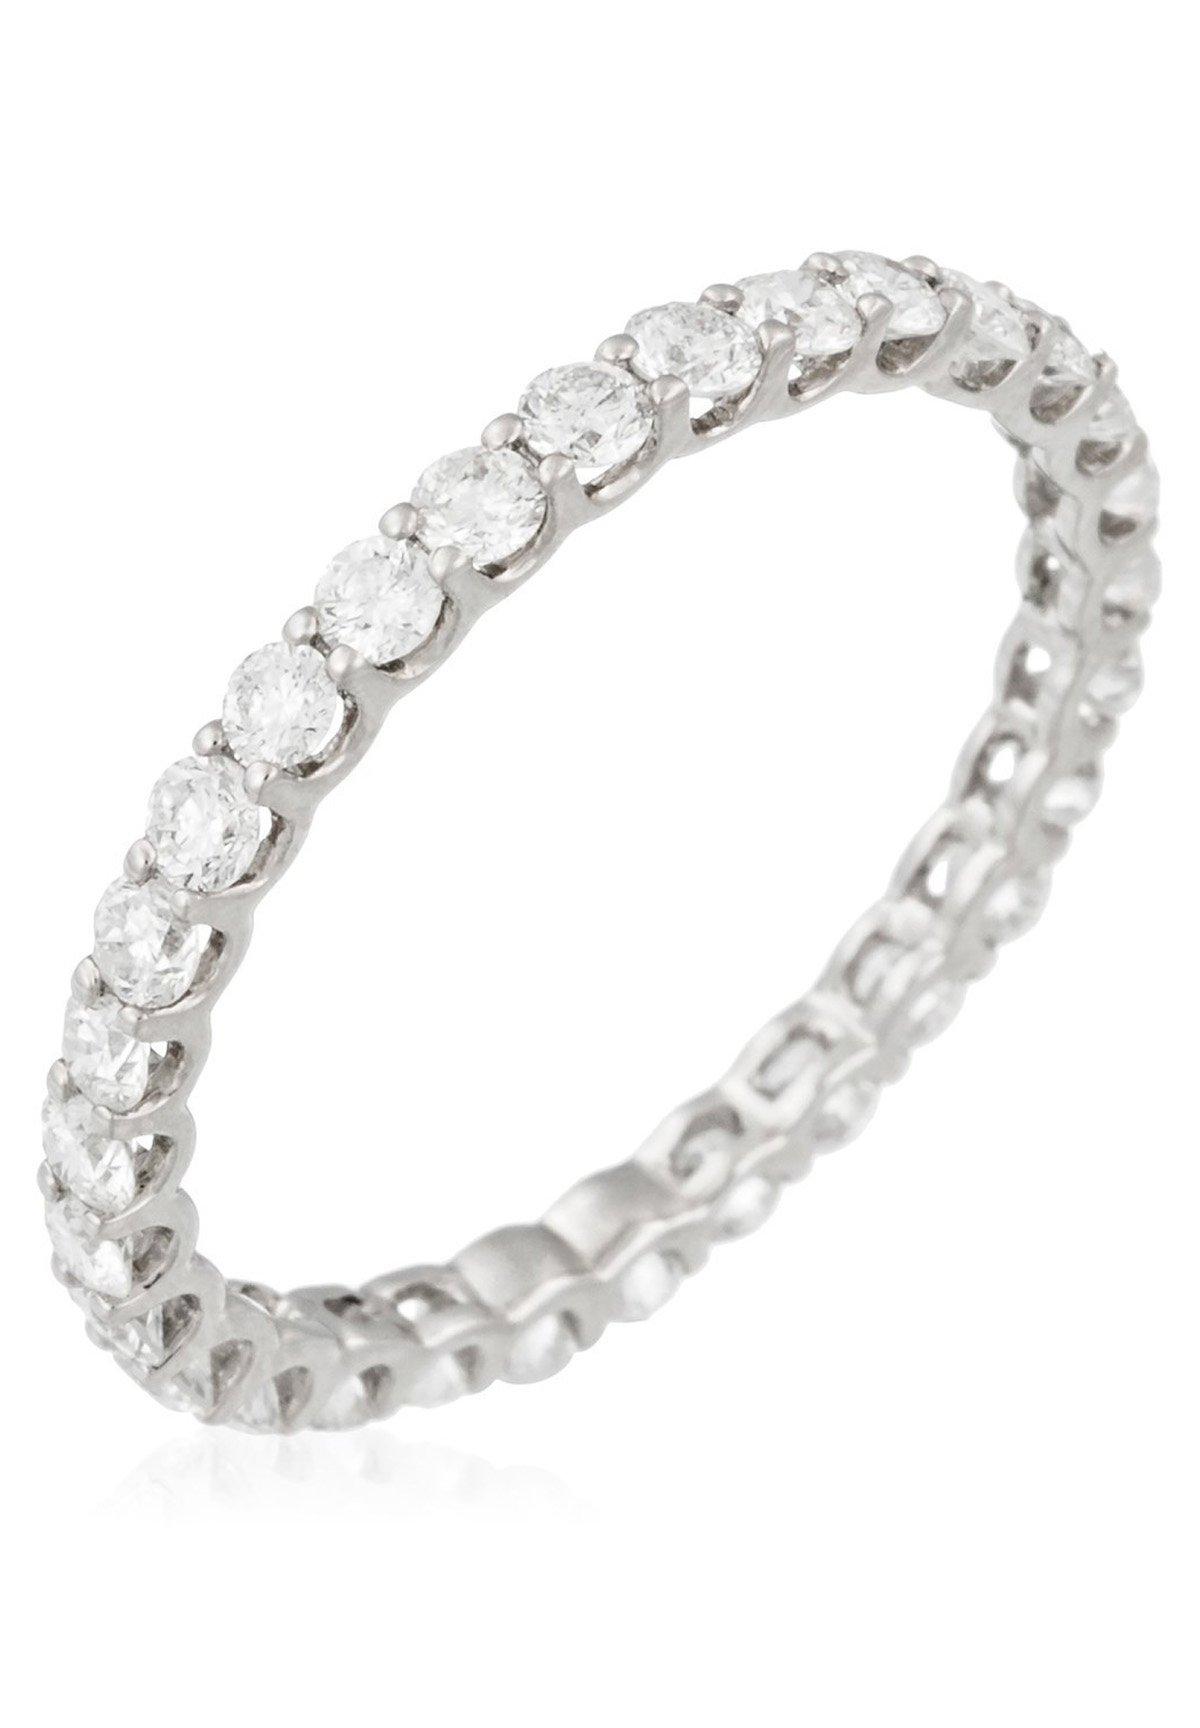 Damen WHITE GOLD RING 9K CERTIFIED 30 DIAMONDS HSI 1 CT - Ring